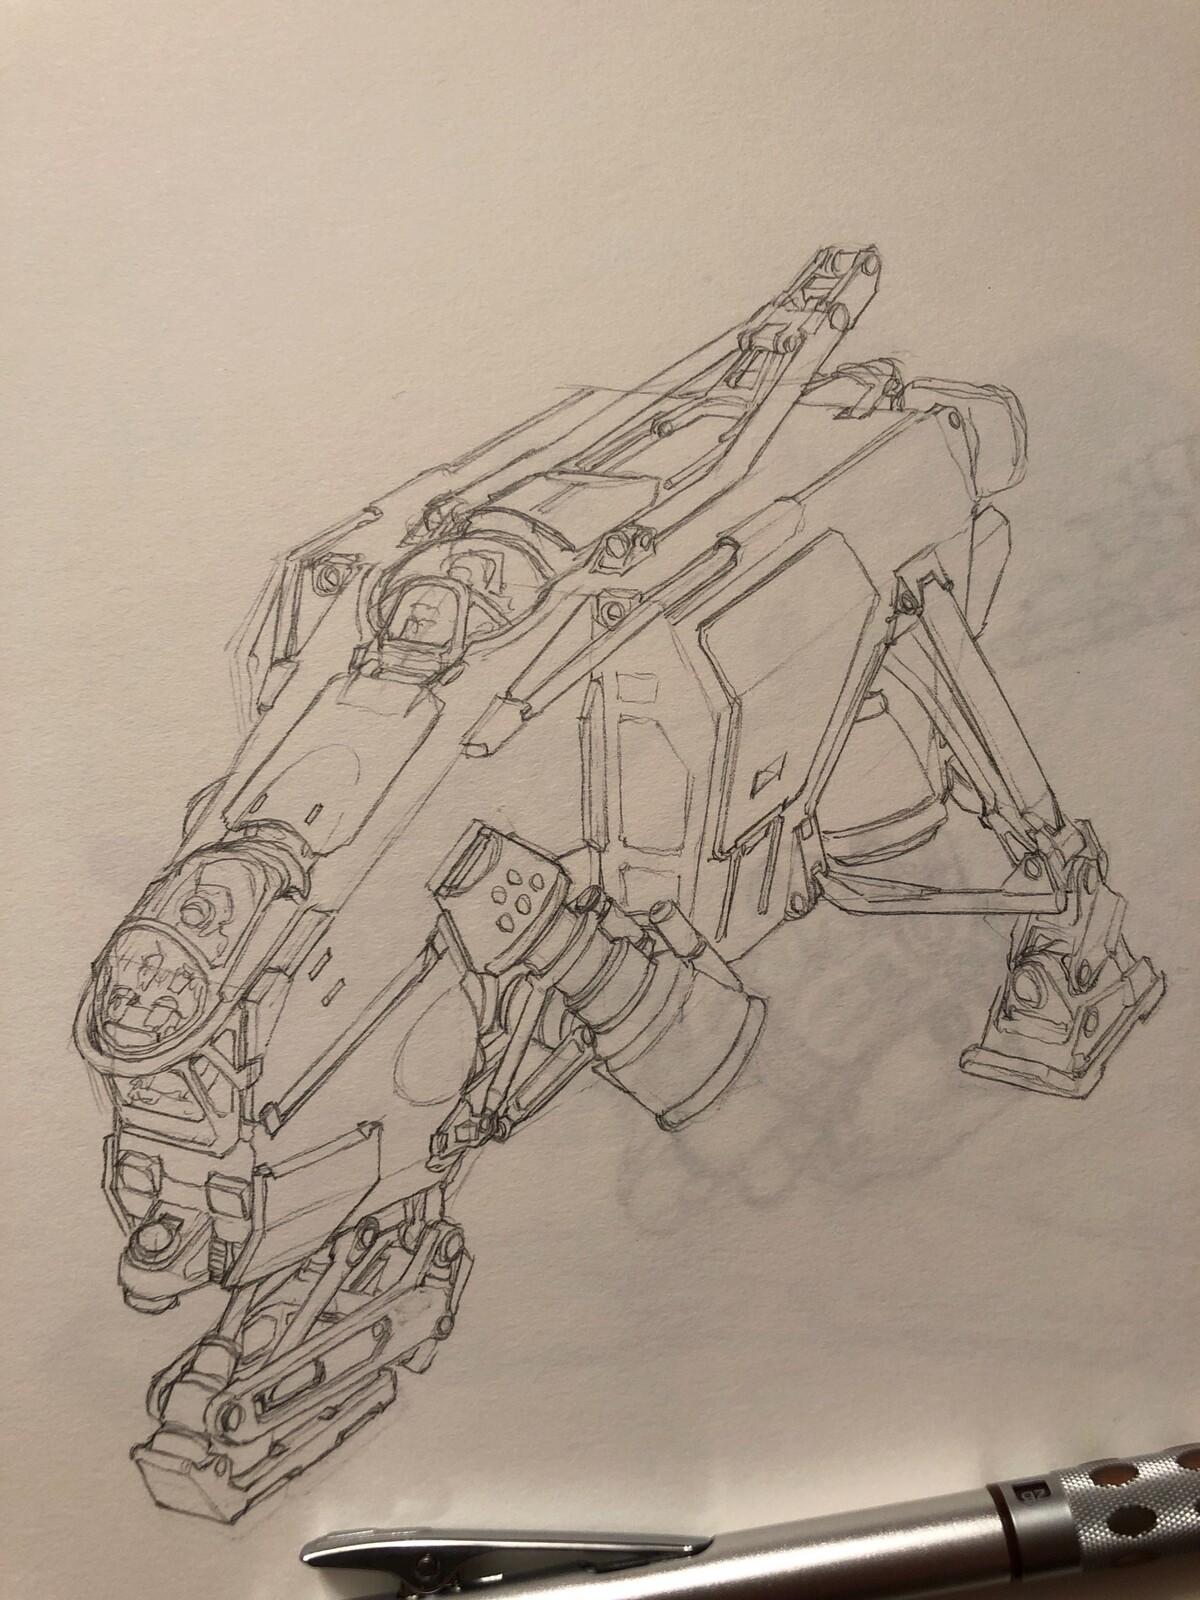 Pencil sketch.